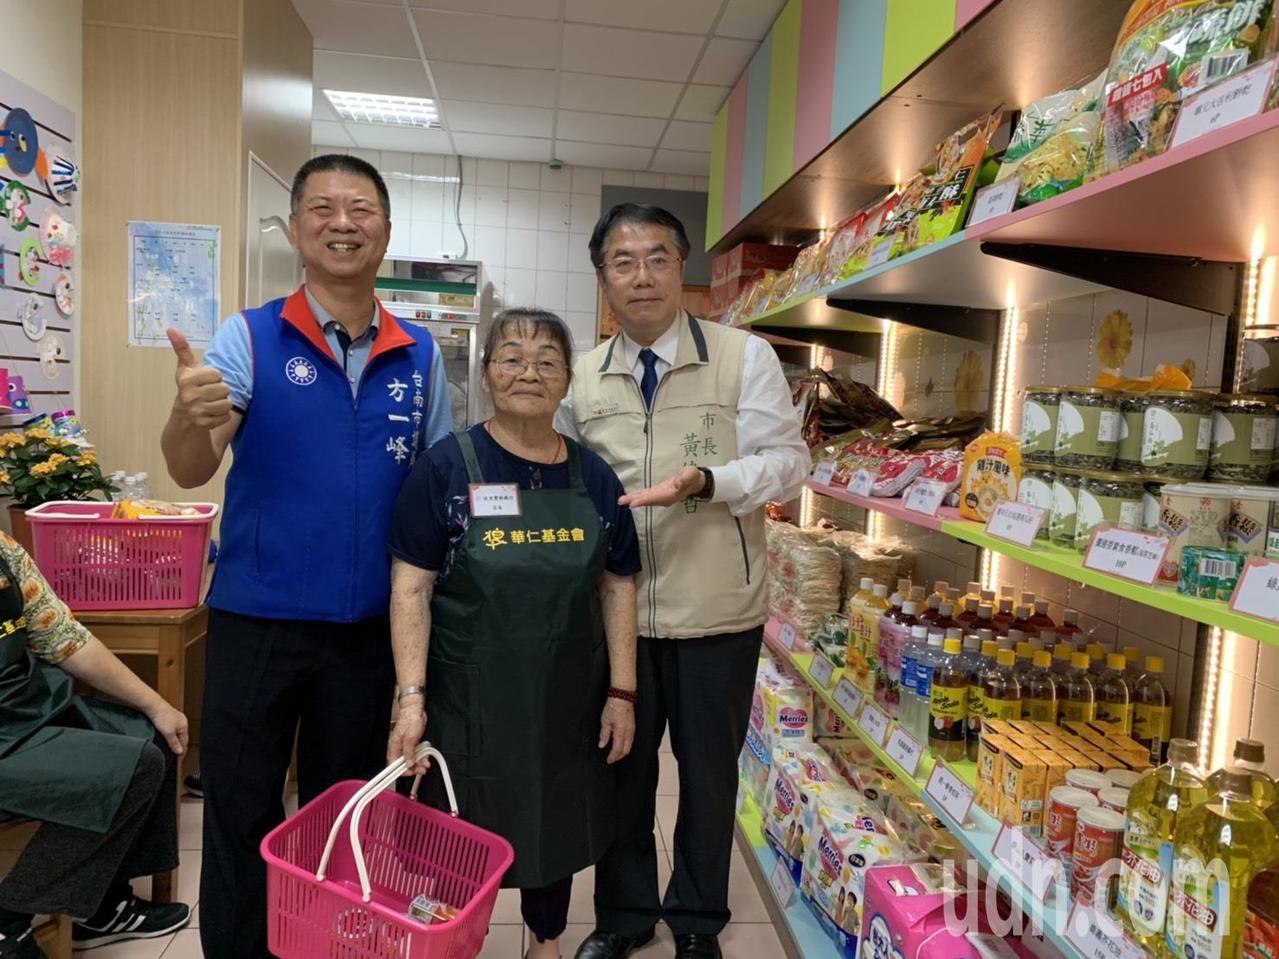 台南市首家實物銀行實體店面今在佳里開幕,市長黃偉哲(右)與失智長輩店長一起加油。...